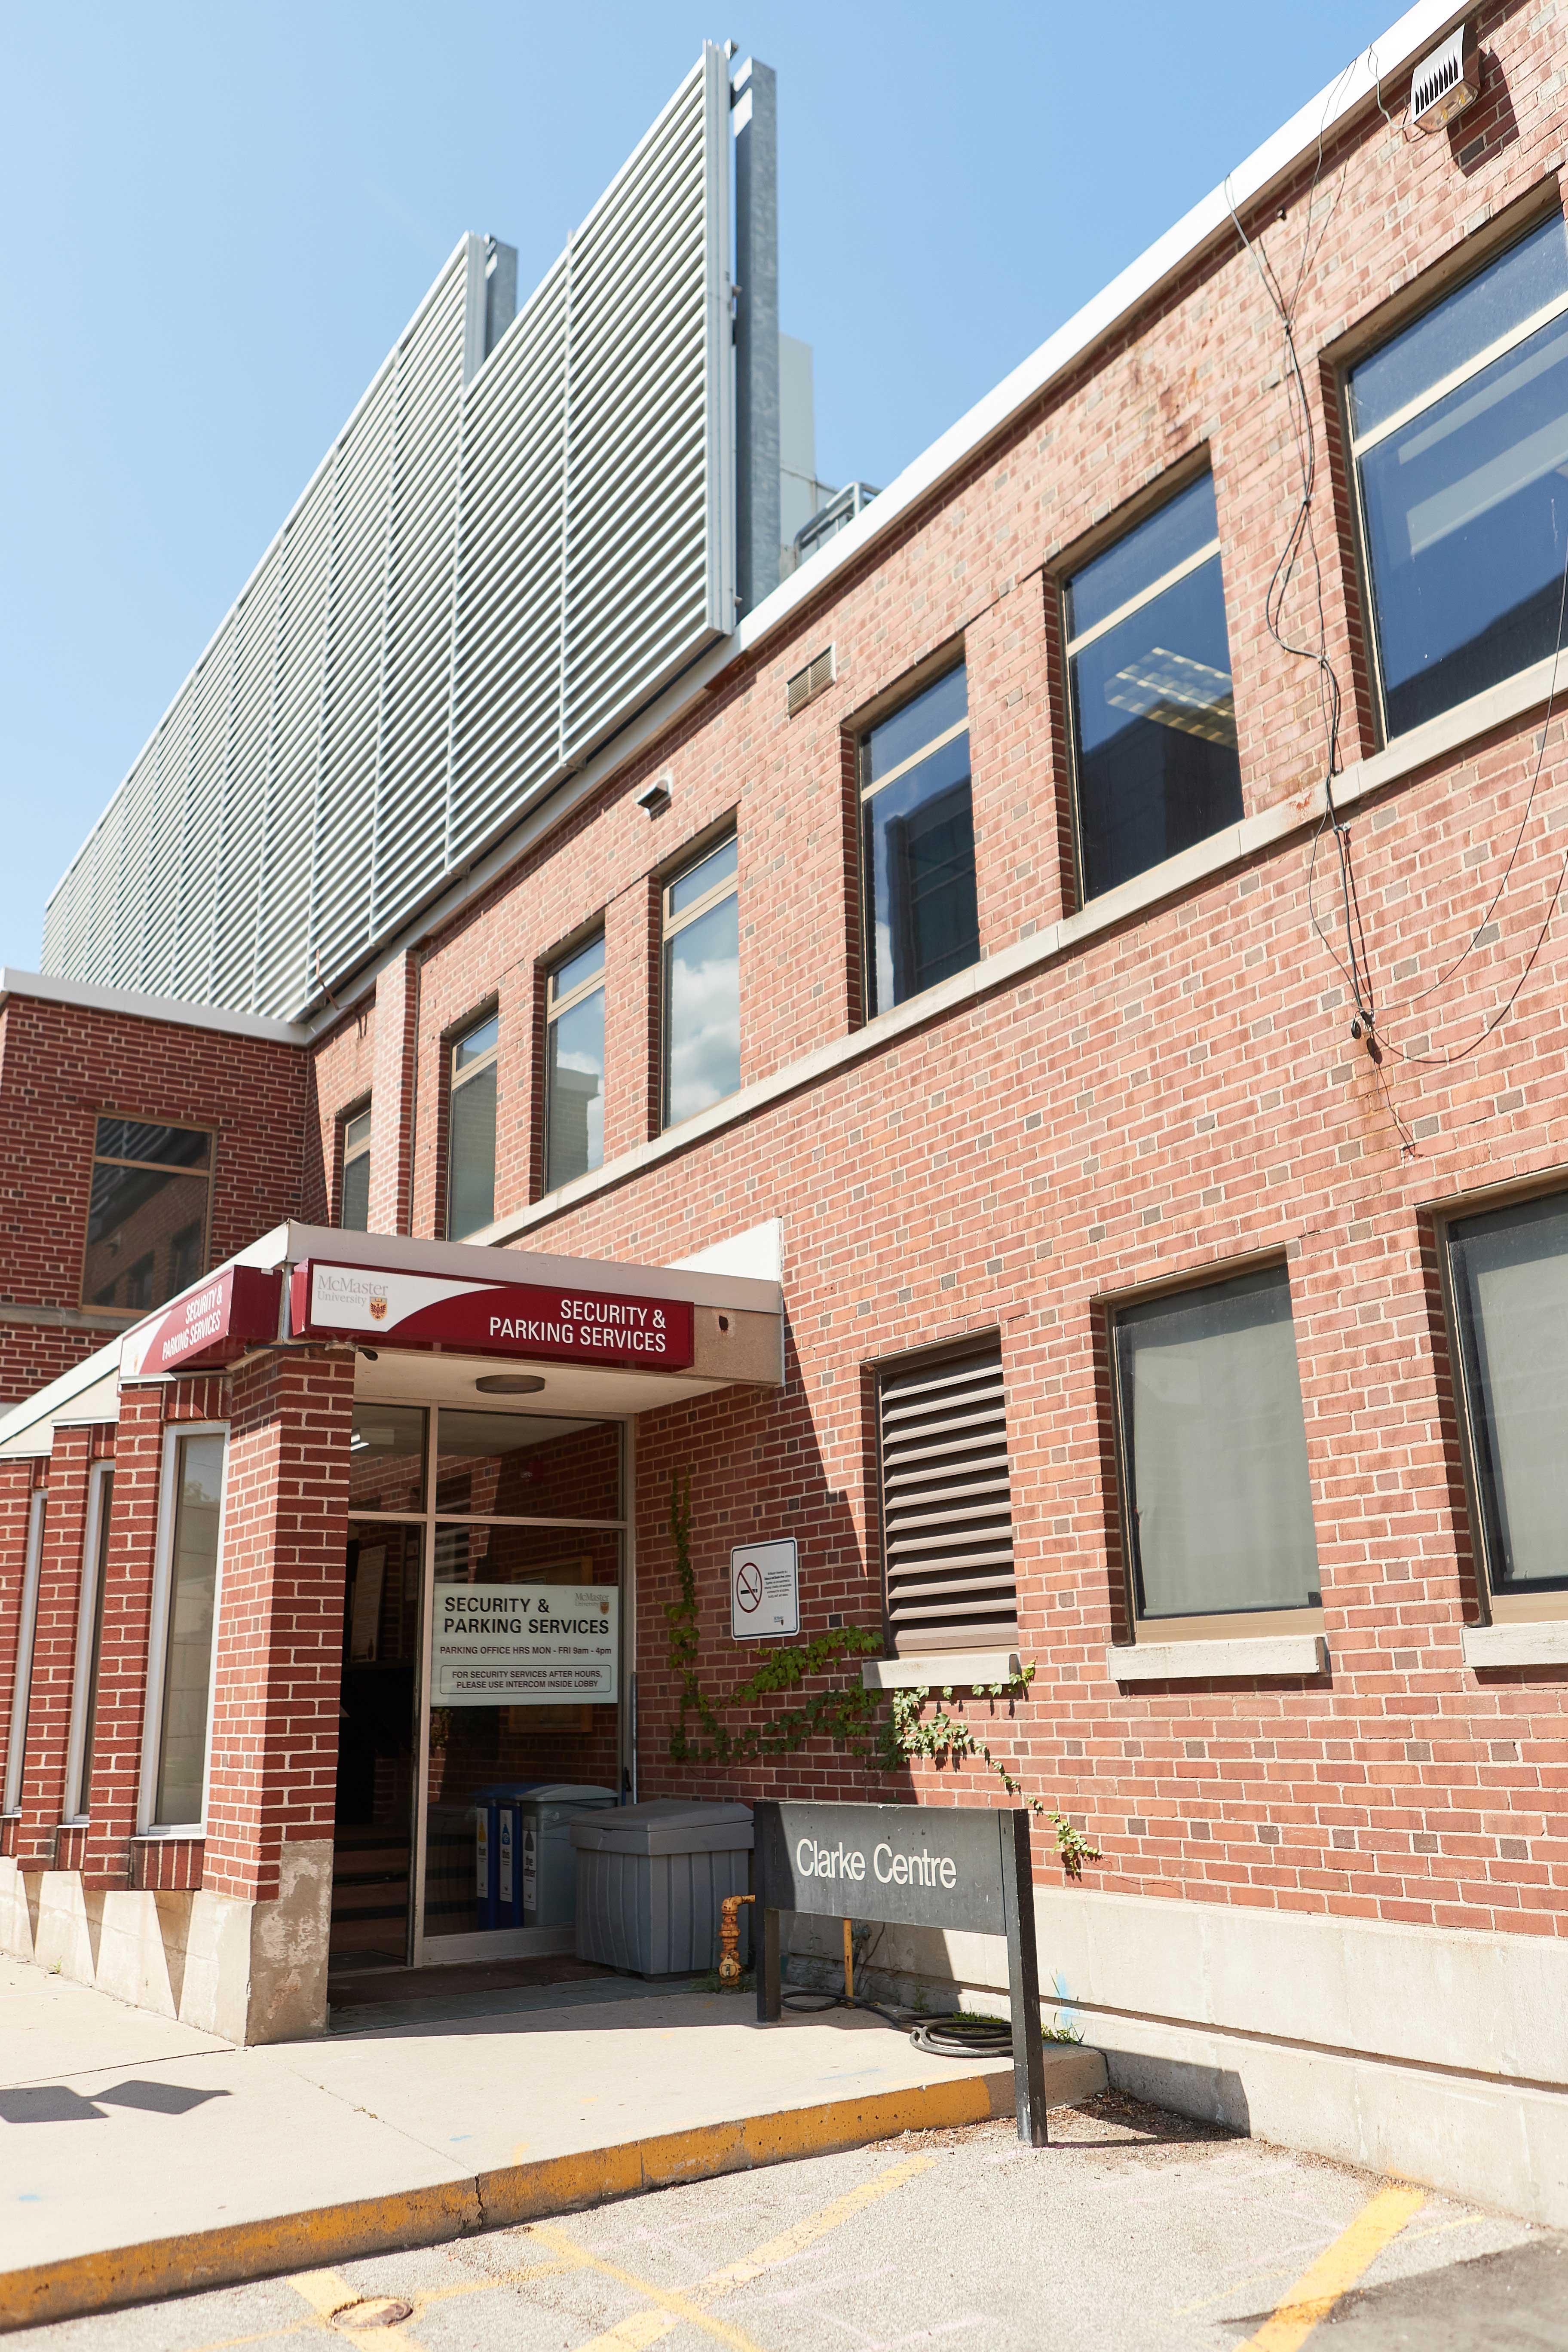 E. T. Clarke Centre